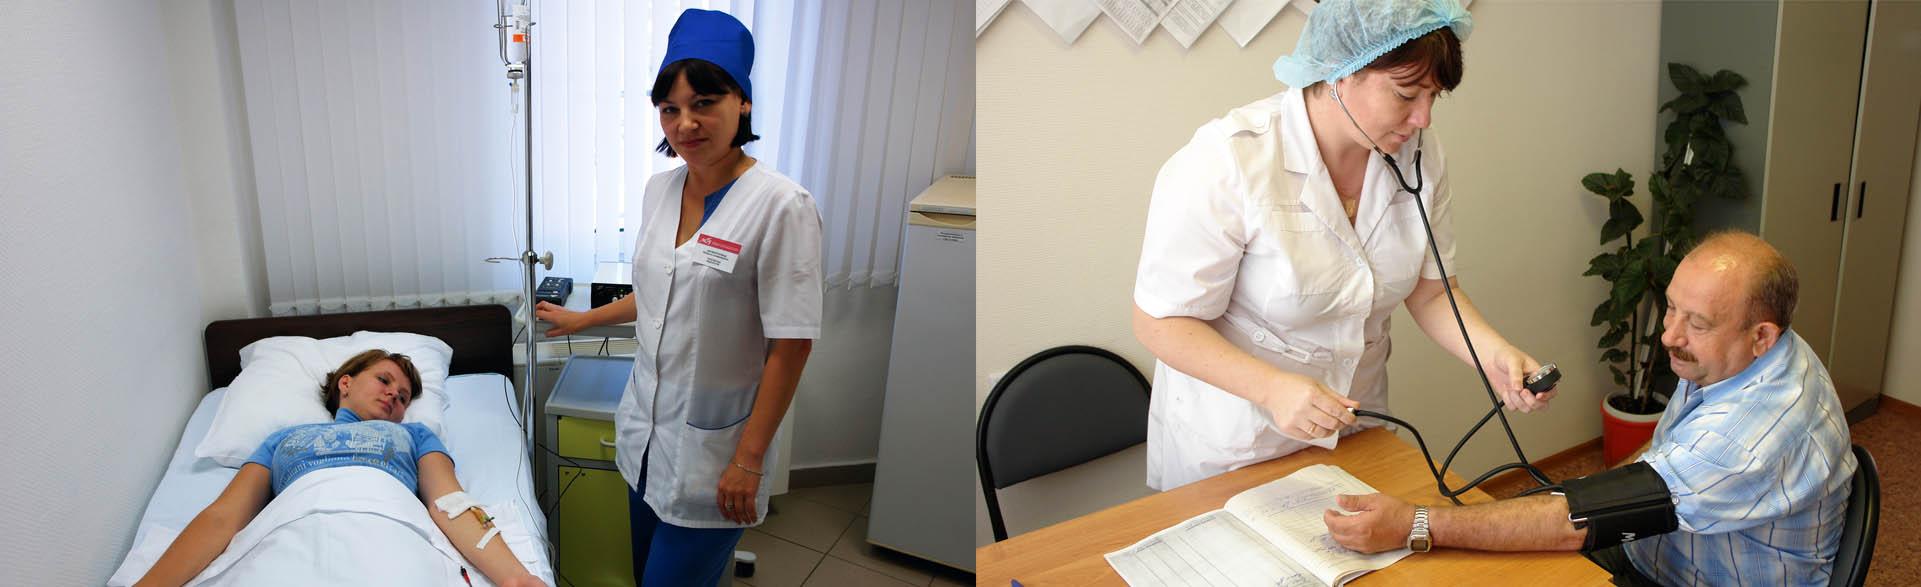 Процедуры для беременных в дневном стационаре